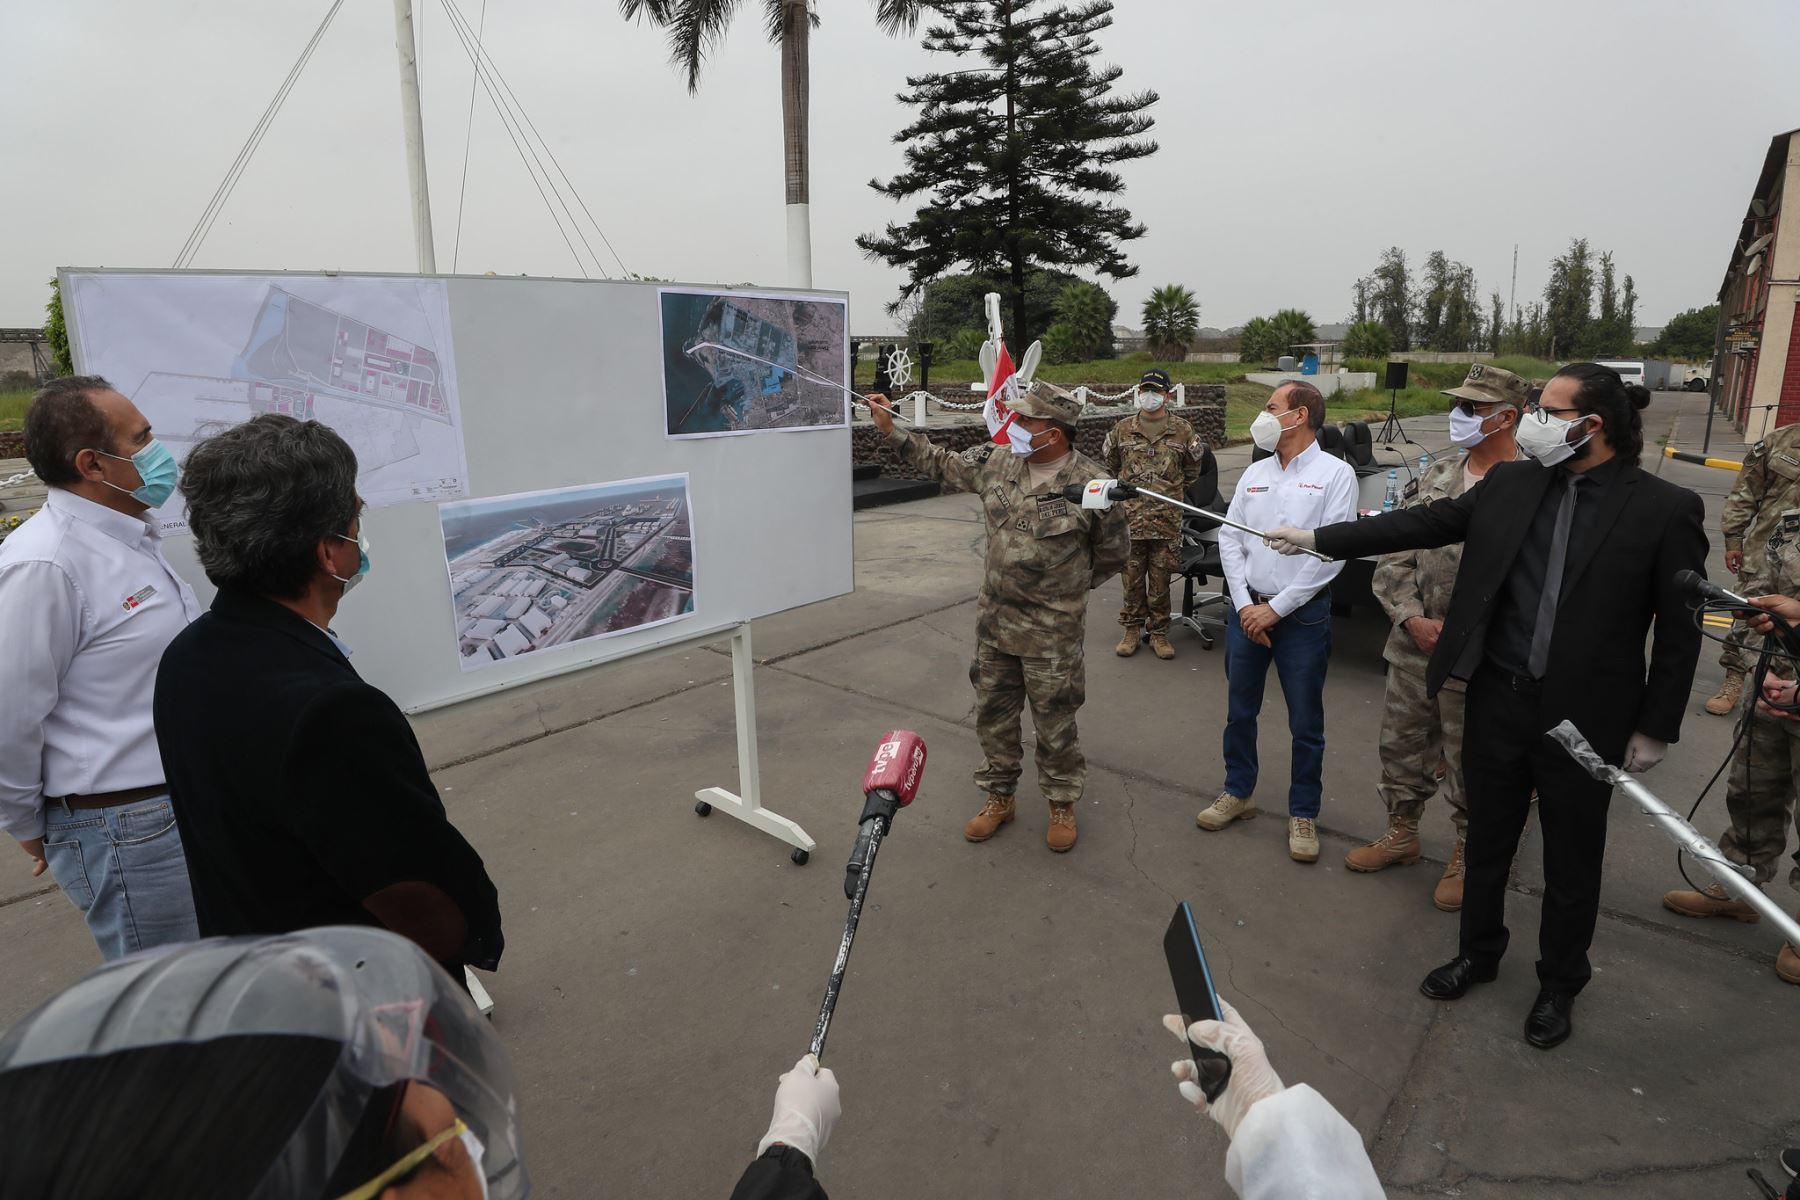 Los ministros Walter Martos, Carlos Lozada participan en la firma de convenio de cooperación entre el  MTC y el Mindef, a través de la Marina de Guerra para la construcción e implementación del Antepuerto del Callao.  Foto: MINDEF